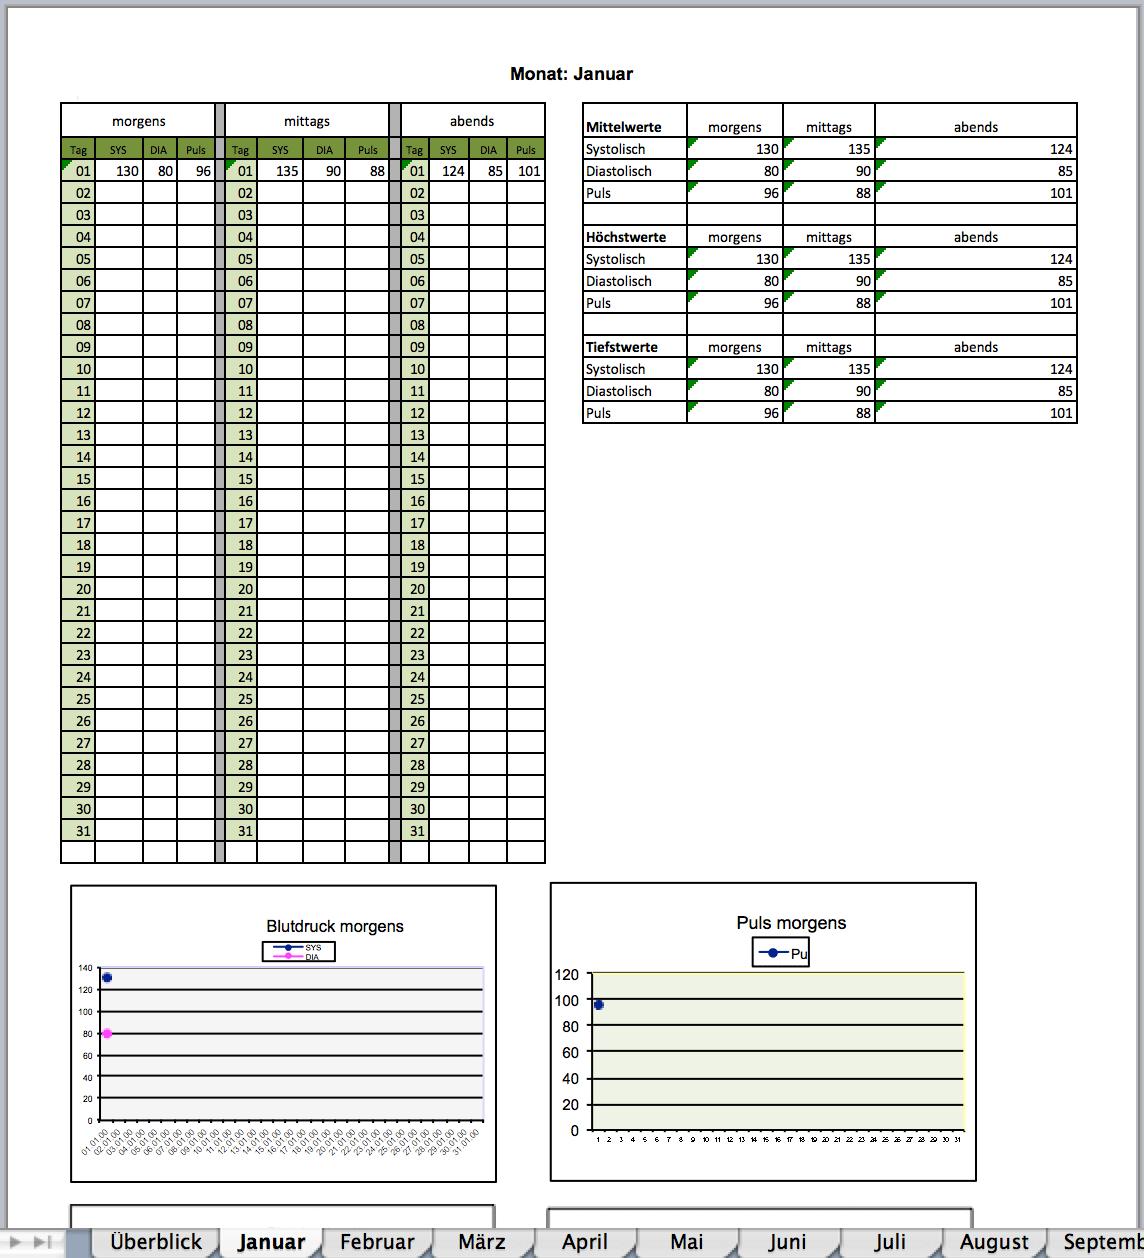 Excelvorlagen mit Blutdruck-Tabelle inkl. Puls und Mittelwert ...